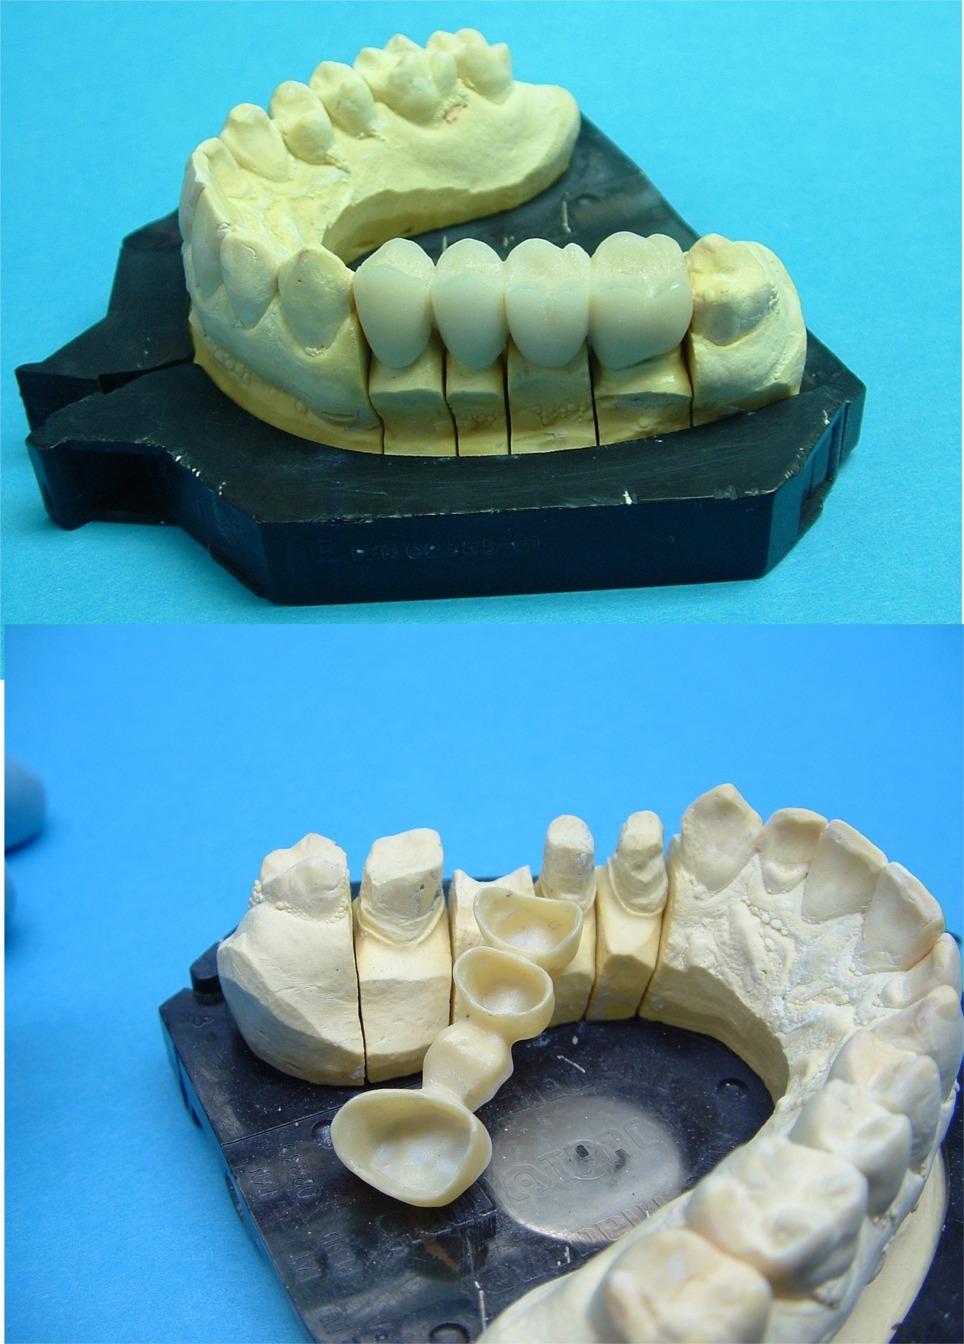 Protesi in zirconio porcellana vedere testo ed articolo segnalato.Da casistica Dr.Gustavo Petti e Dr.ssa Claudia Petti di Cagliari